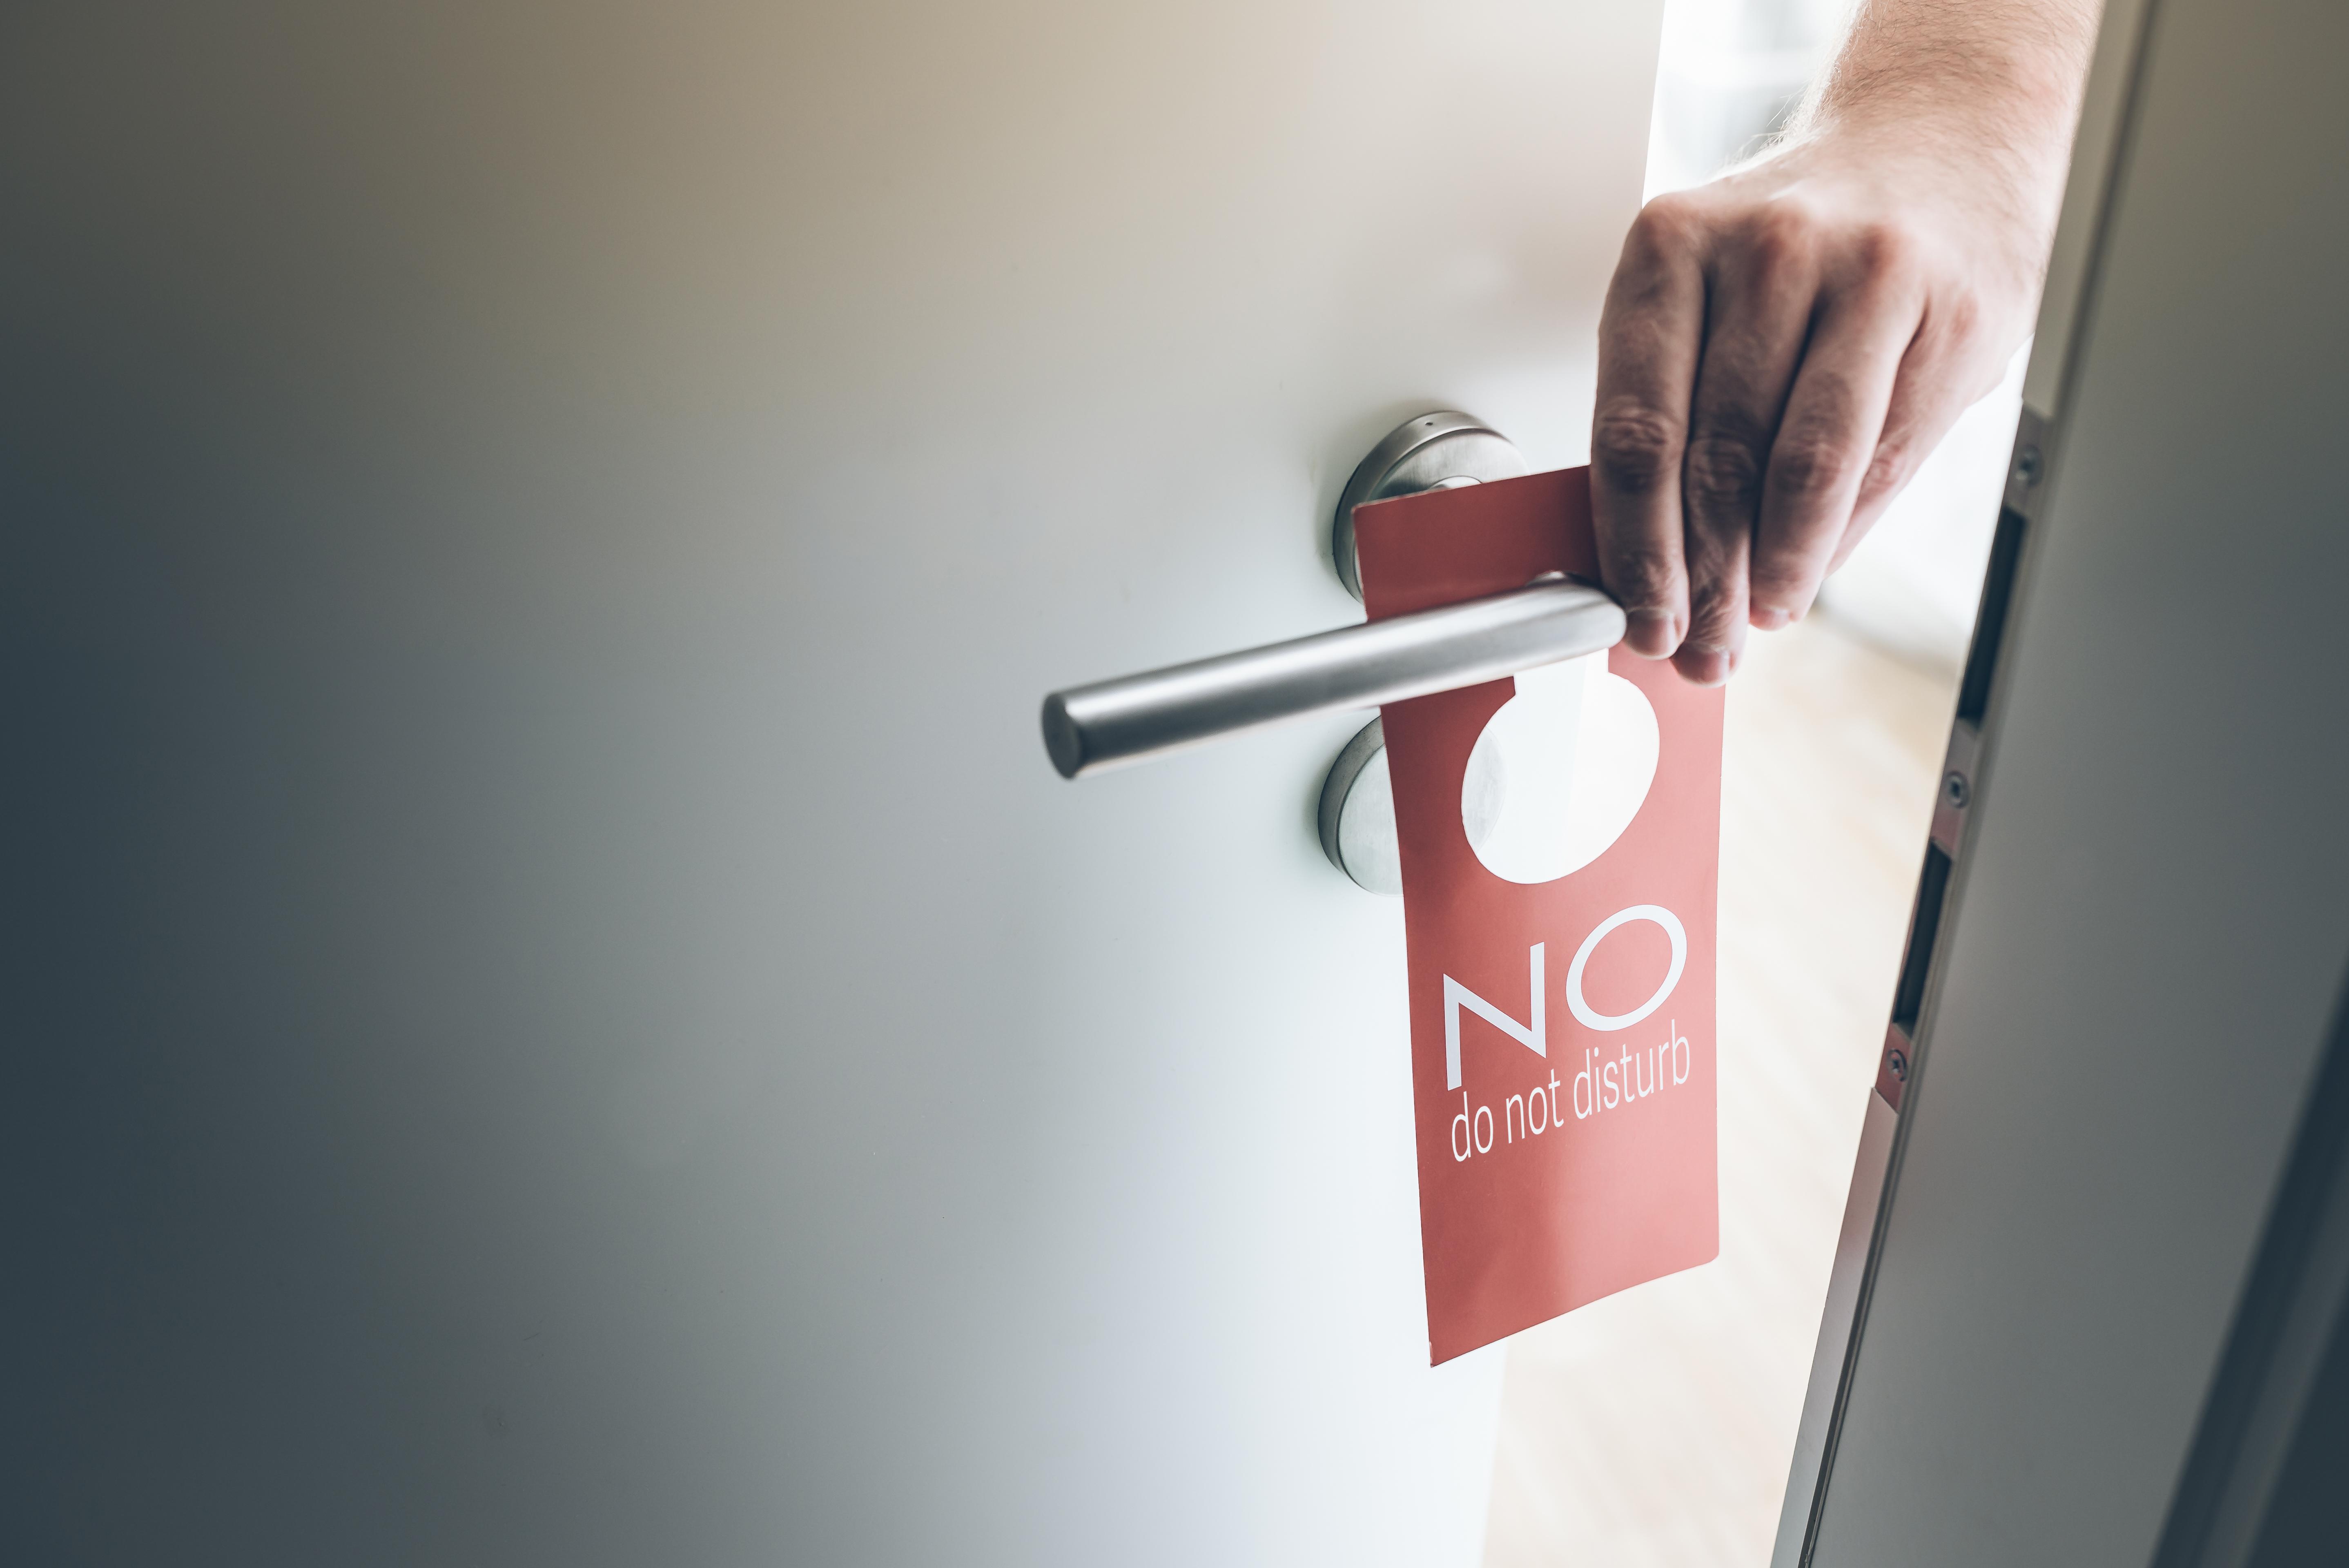 hand placing red do not disturb sign on handle of hotel room door